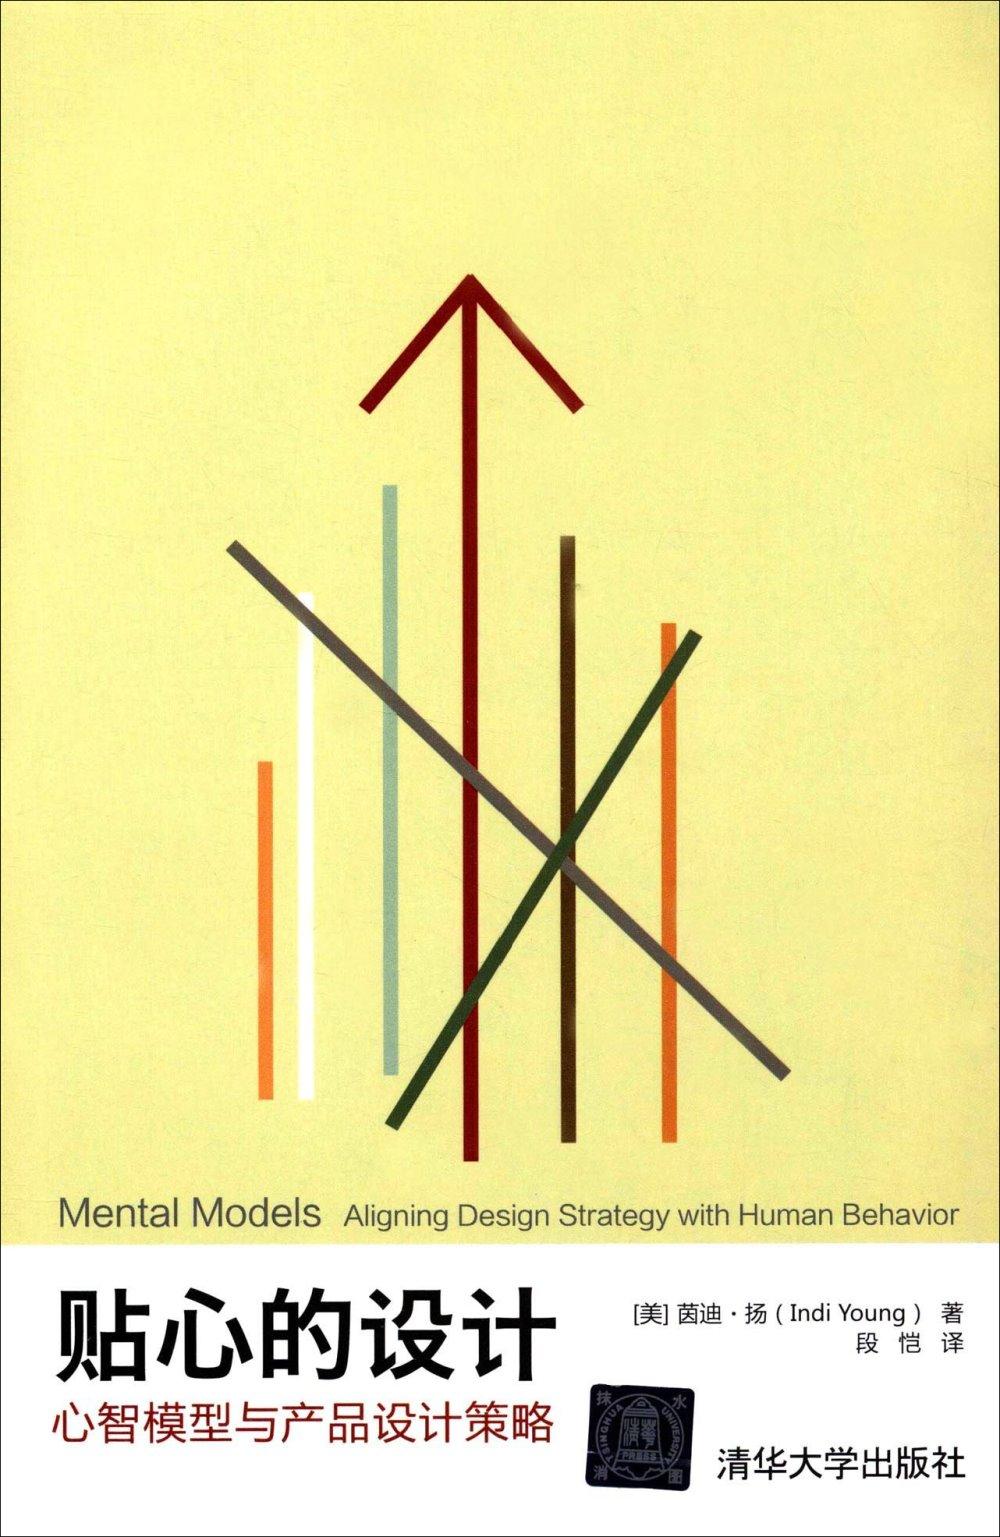 貼心的設計:心智模型與產品設計策略